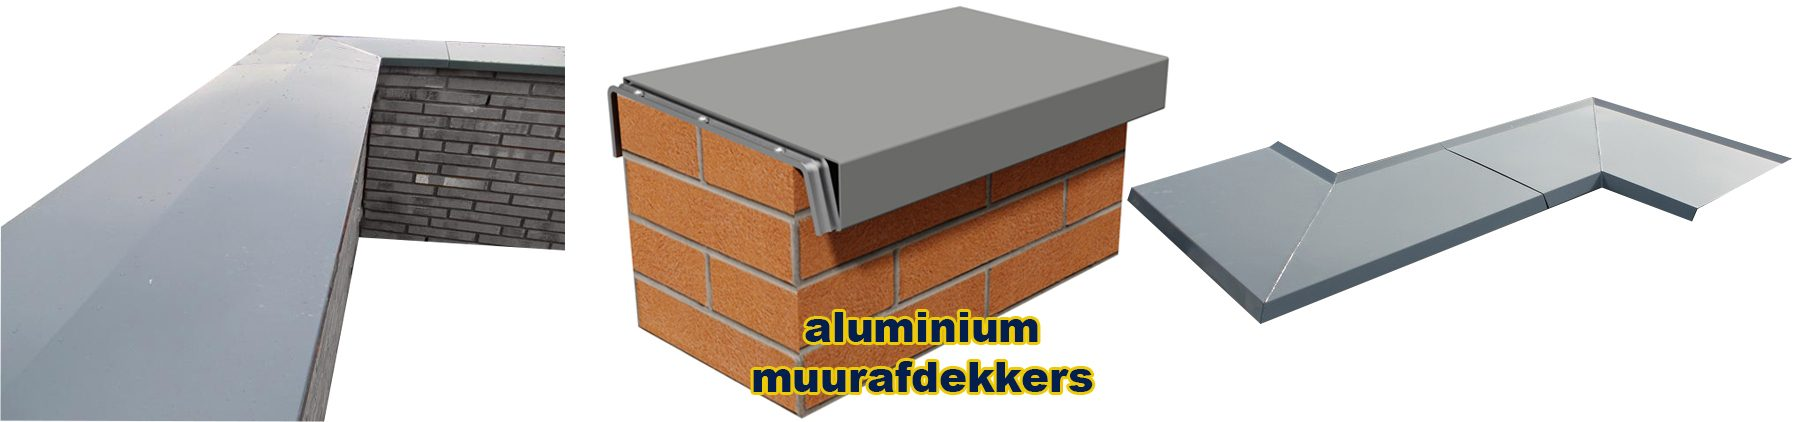 Aluminium muurafdekker